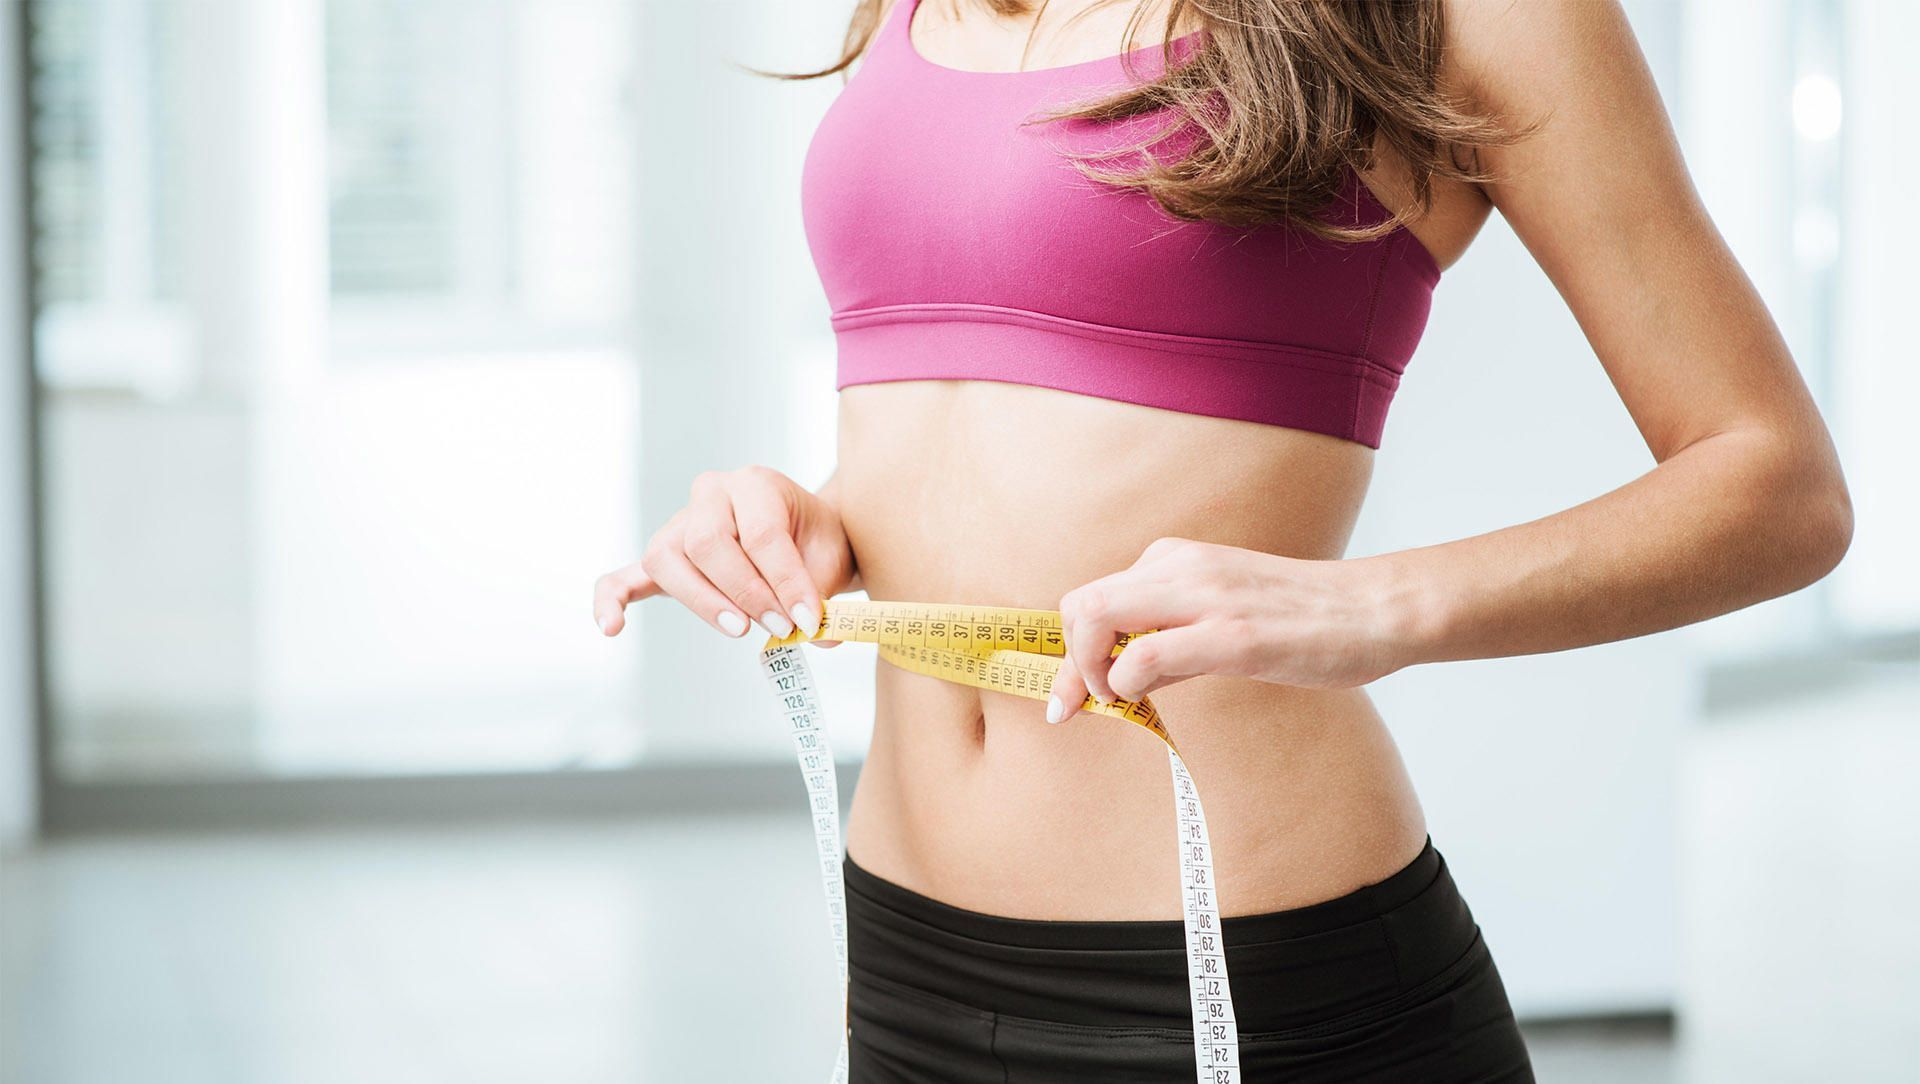 Как Быстро Похудеть Для Женщин. Советы диетолога для быстрого похудения